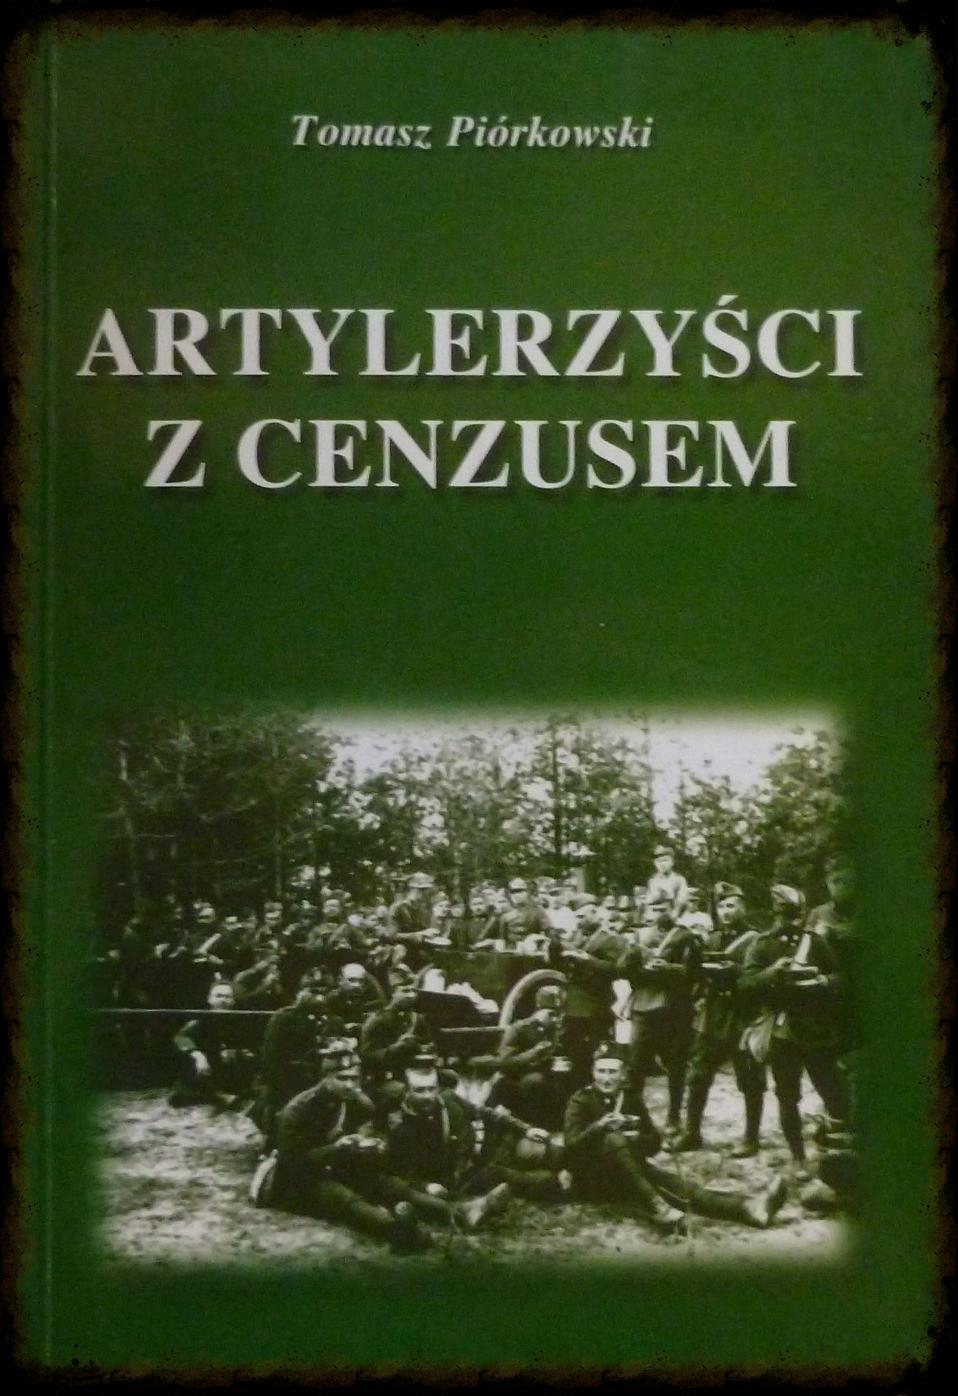 Okładka ksiązki T. Piórkowskiego